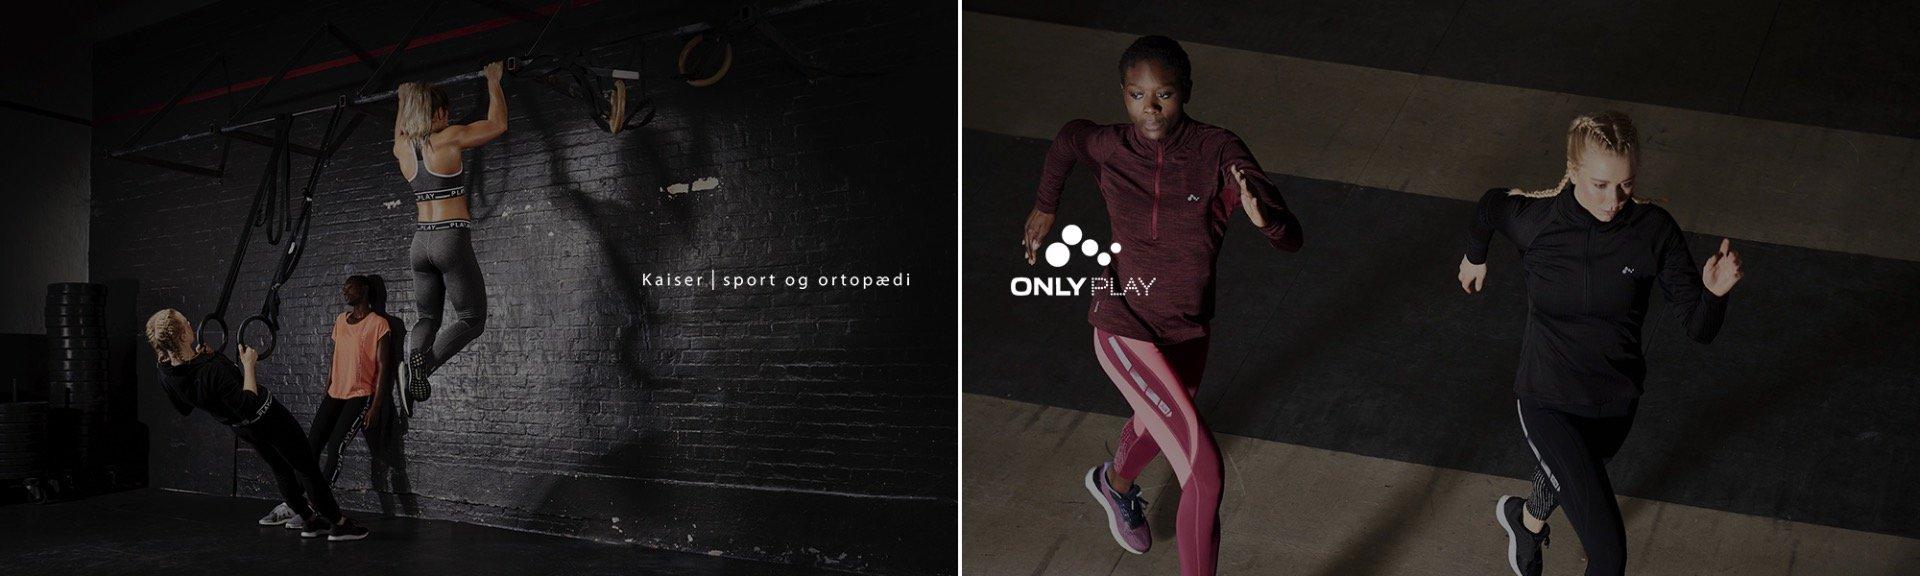 Køb Only Play løbetøj og træningstøj online med fri fragt på kaisersport.dk